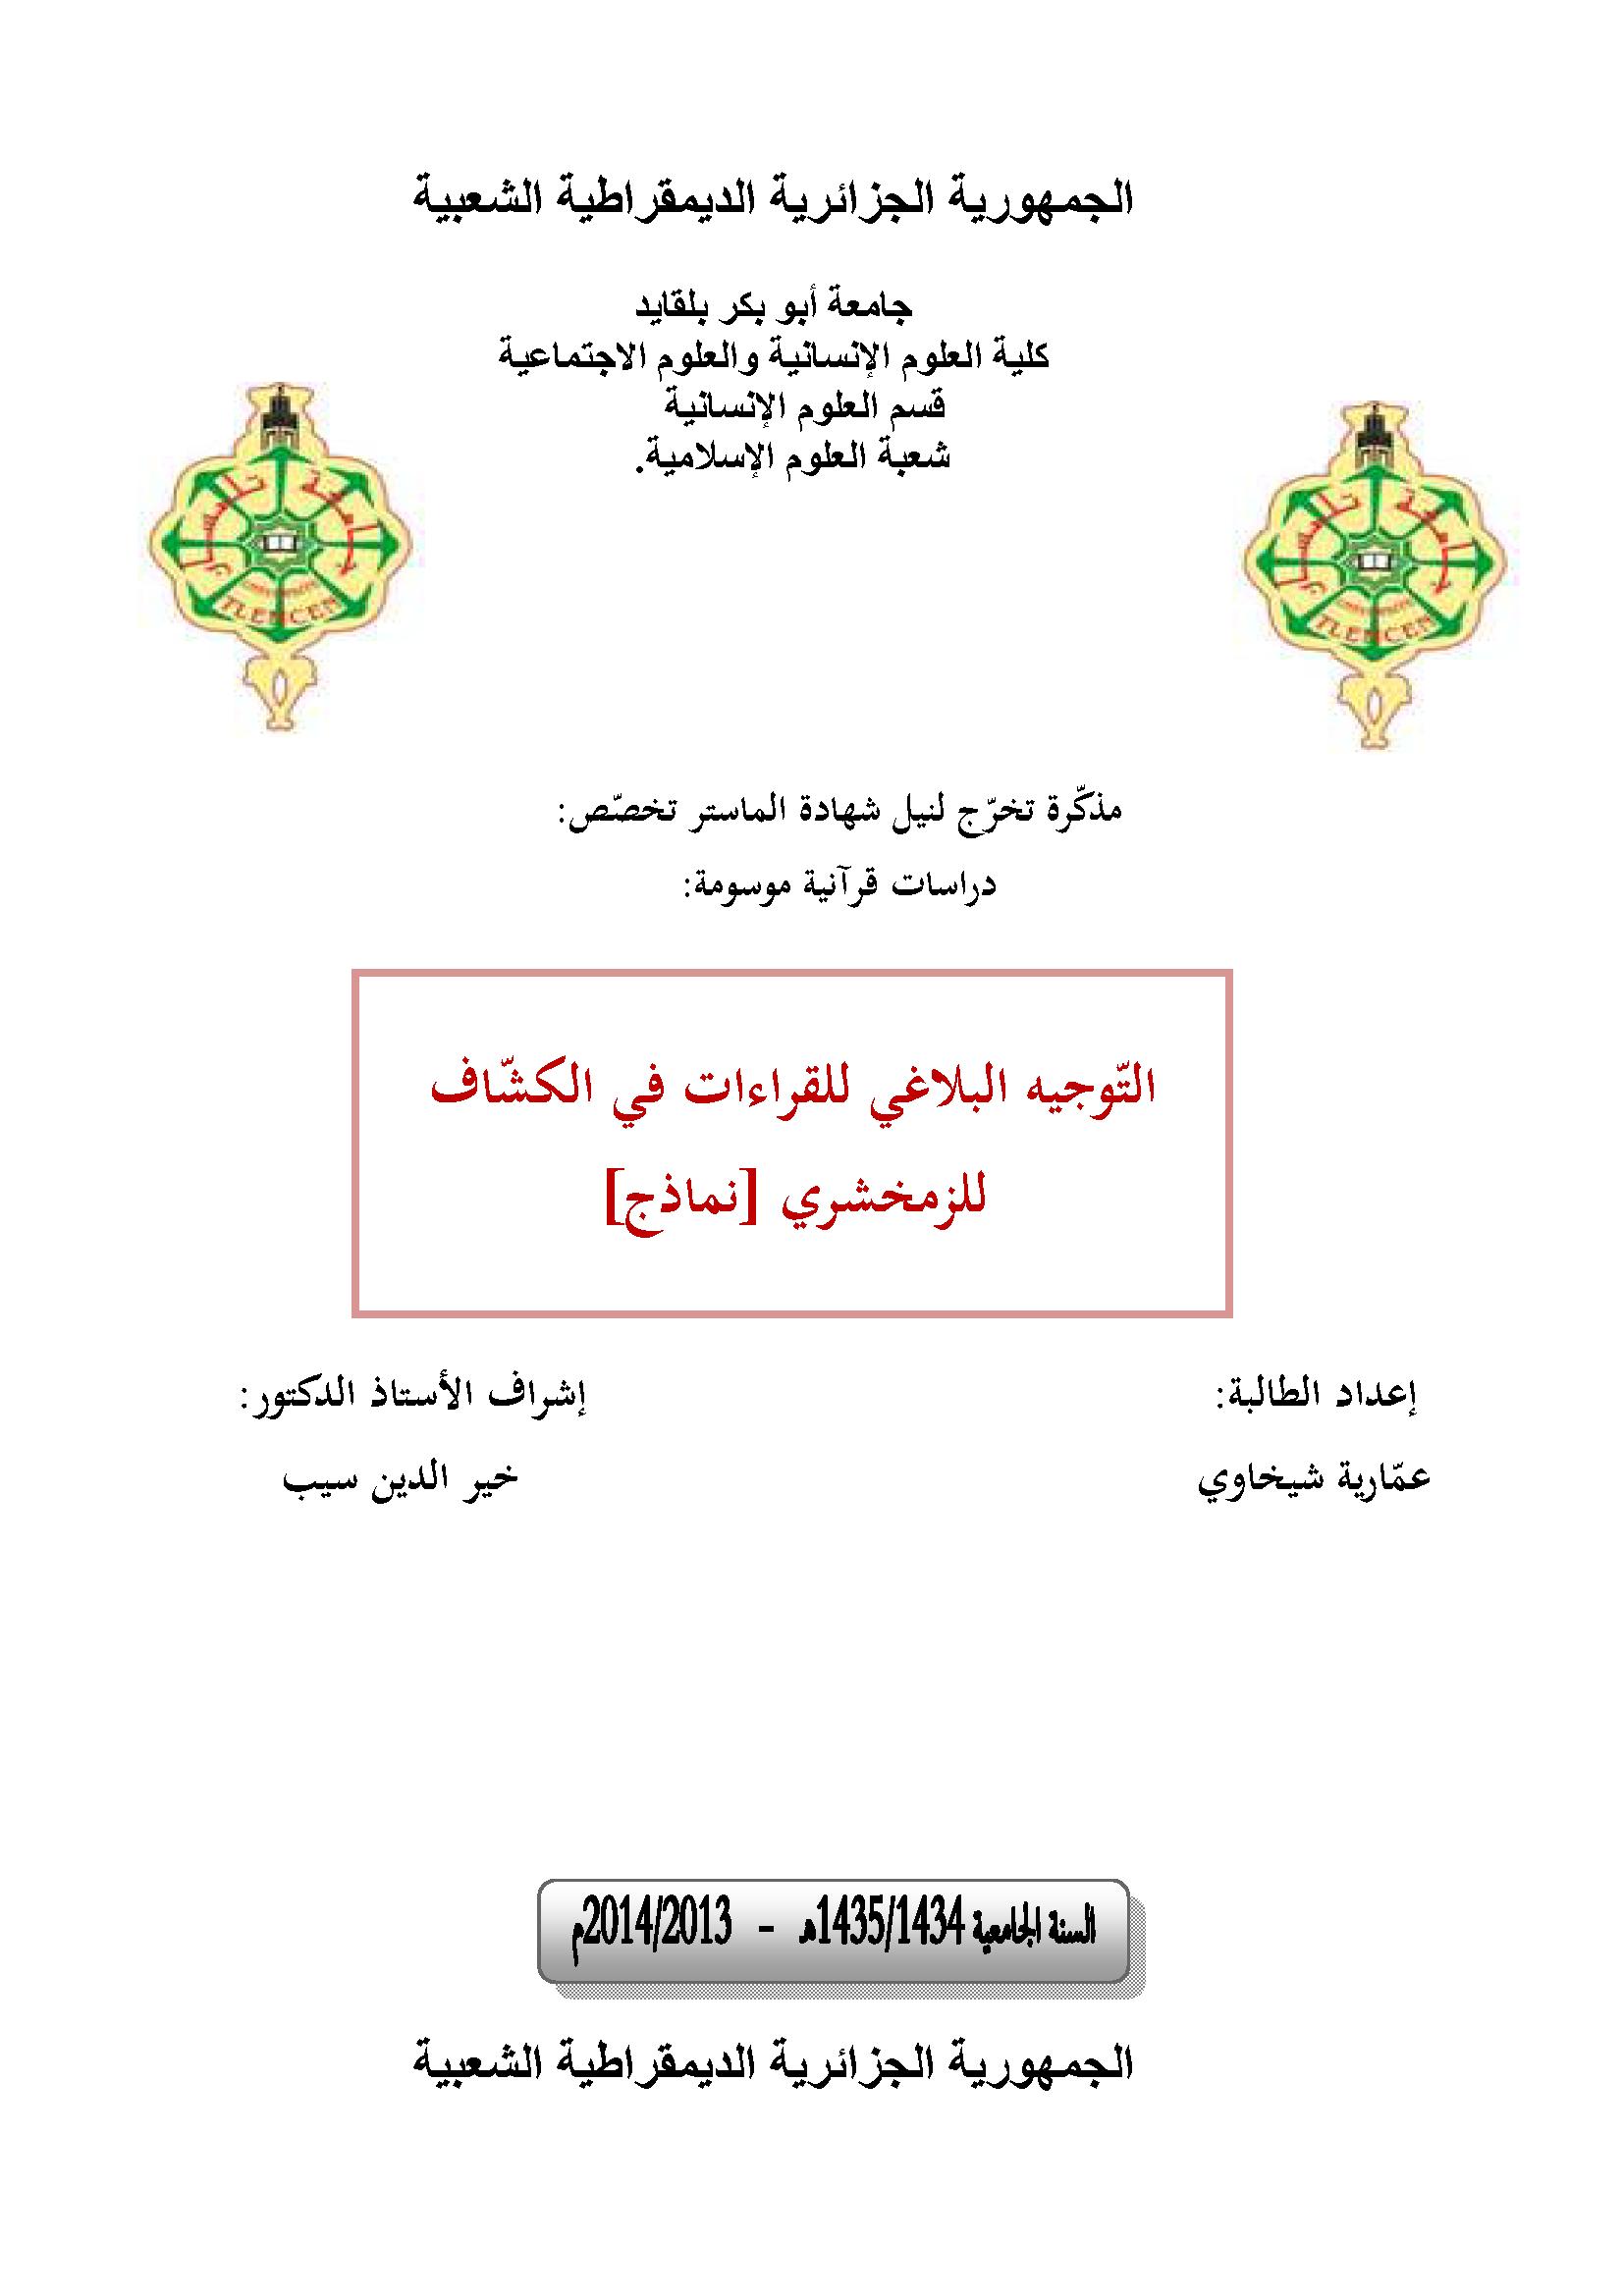 تحميل كتاب التوجيه البلاغي للقراءات في الكشاف للزمخشري (نماذج) لـِ: عمارية شيخاوي